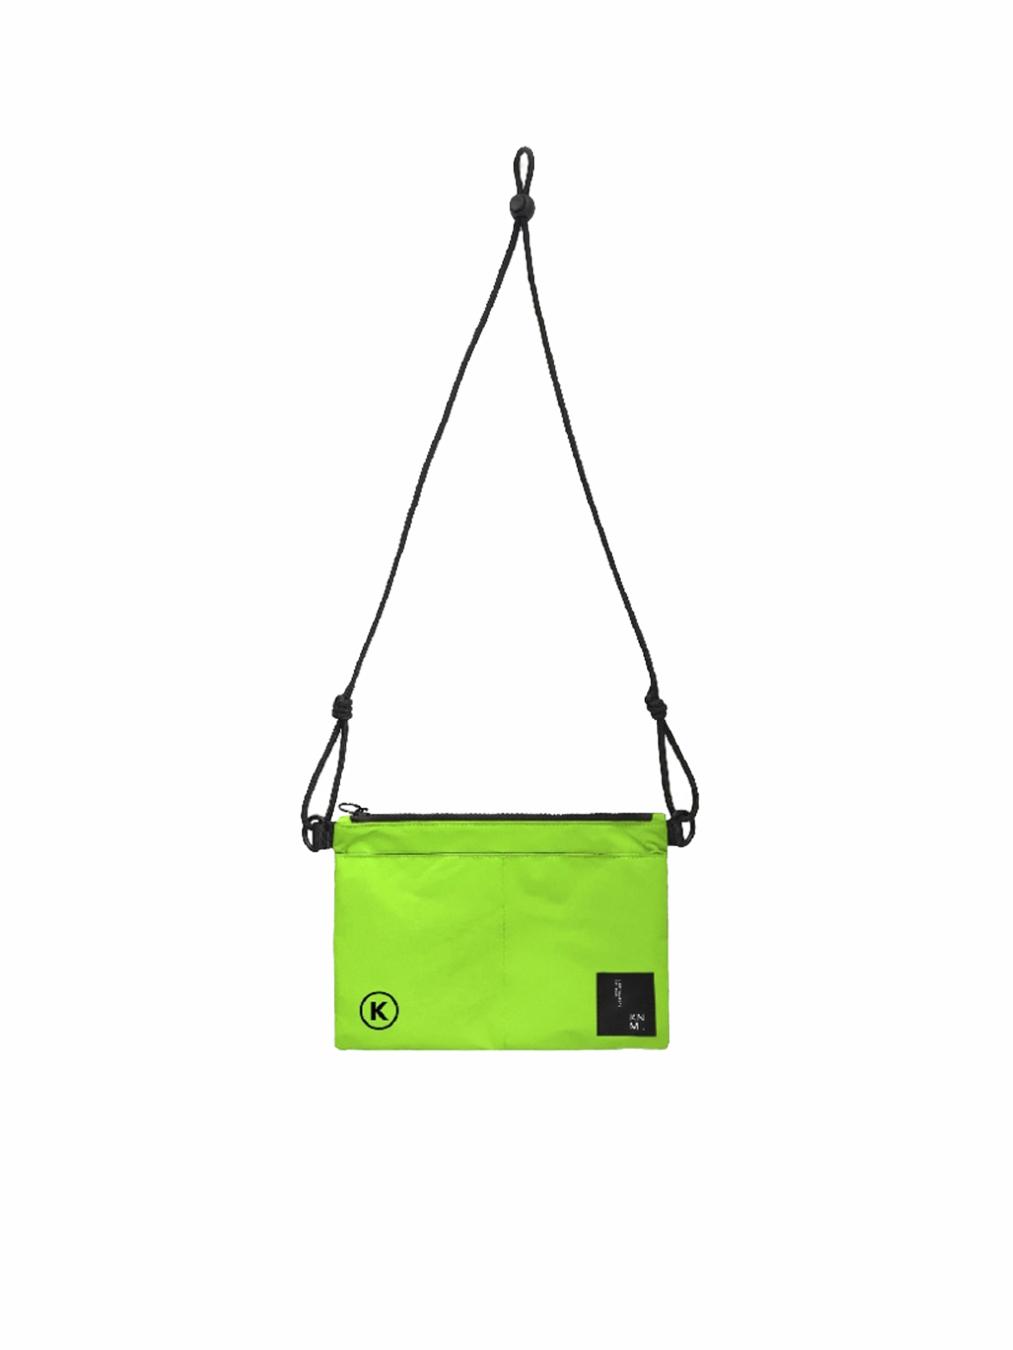 Budder Bag (Green Neon)